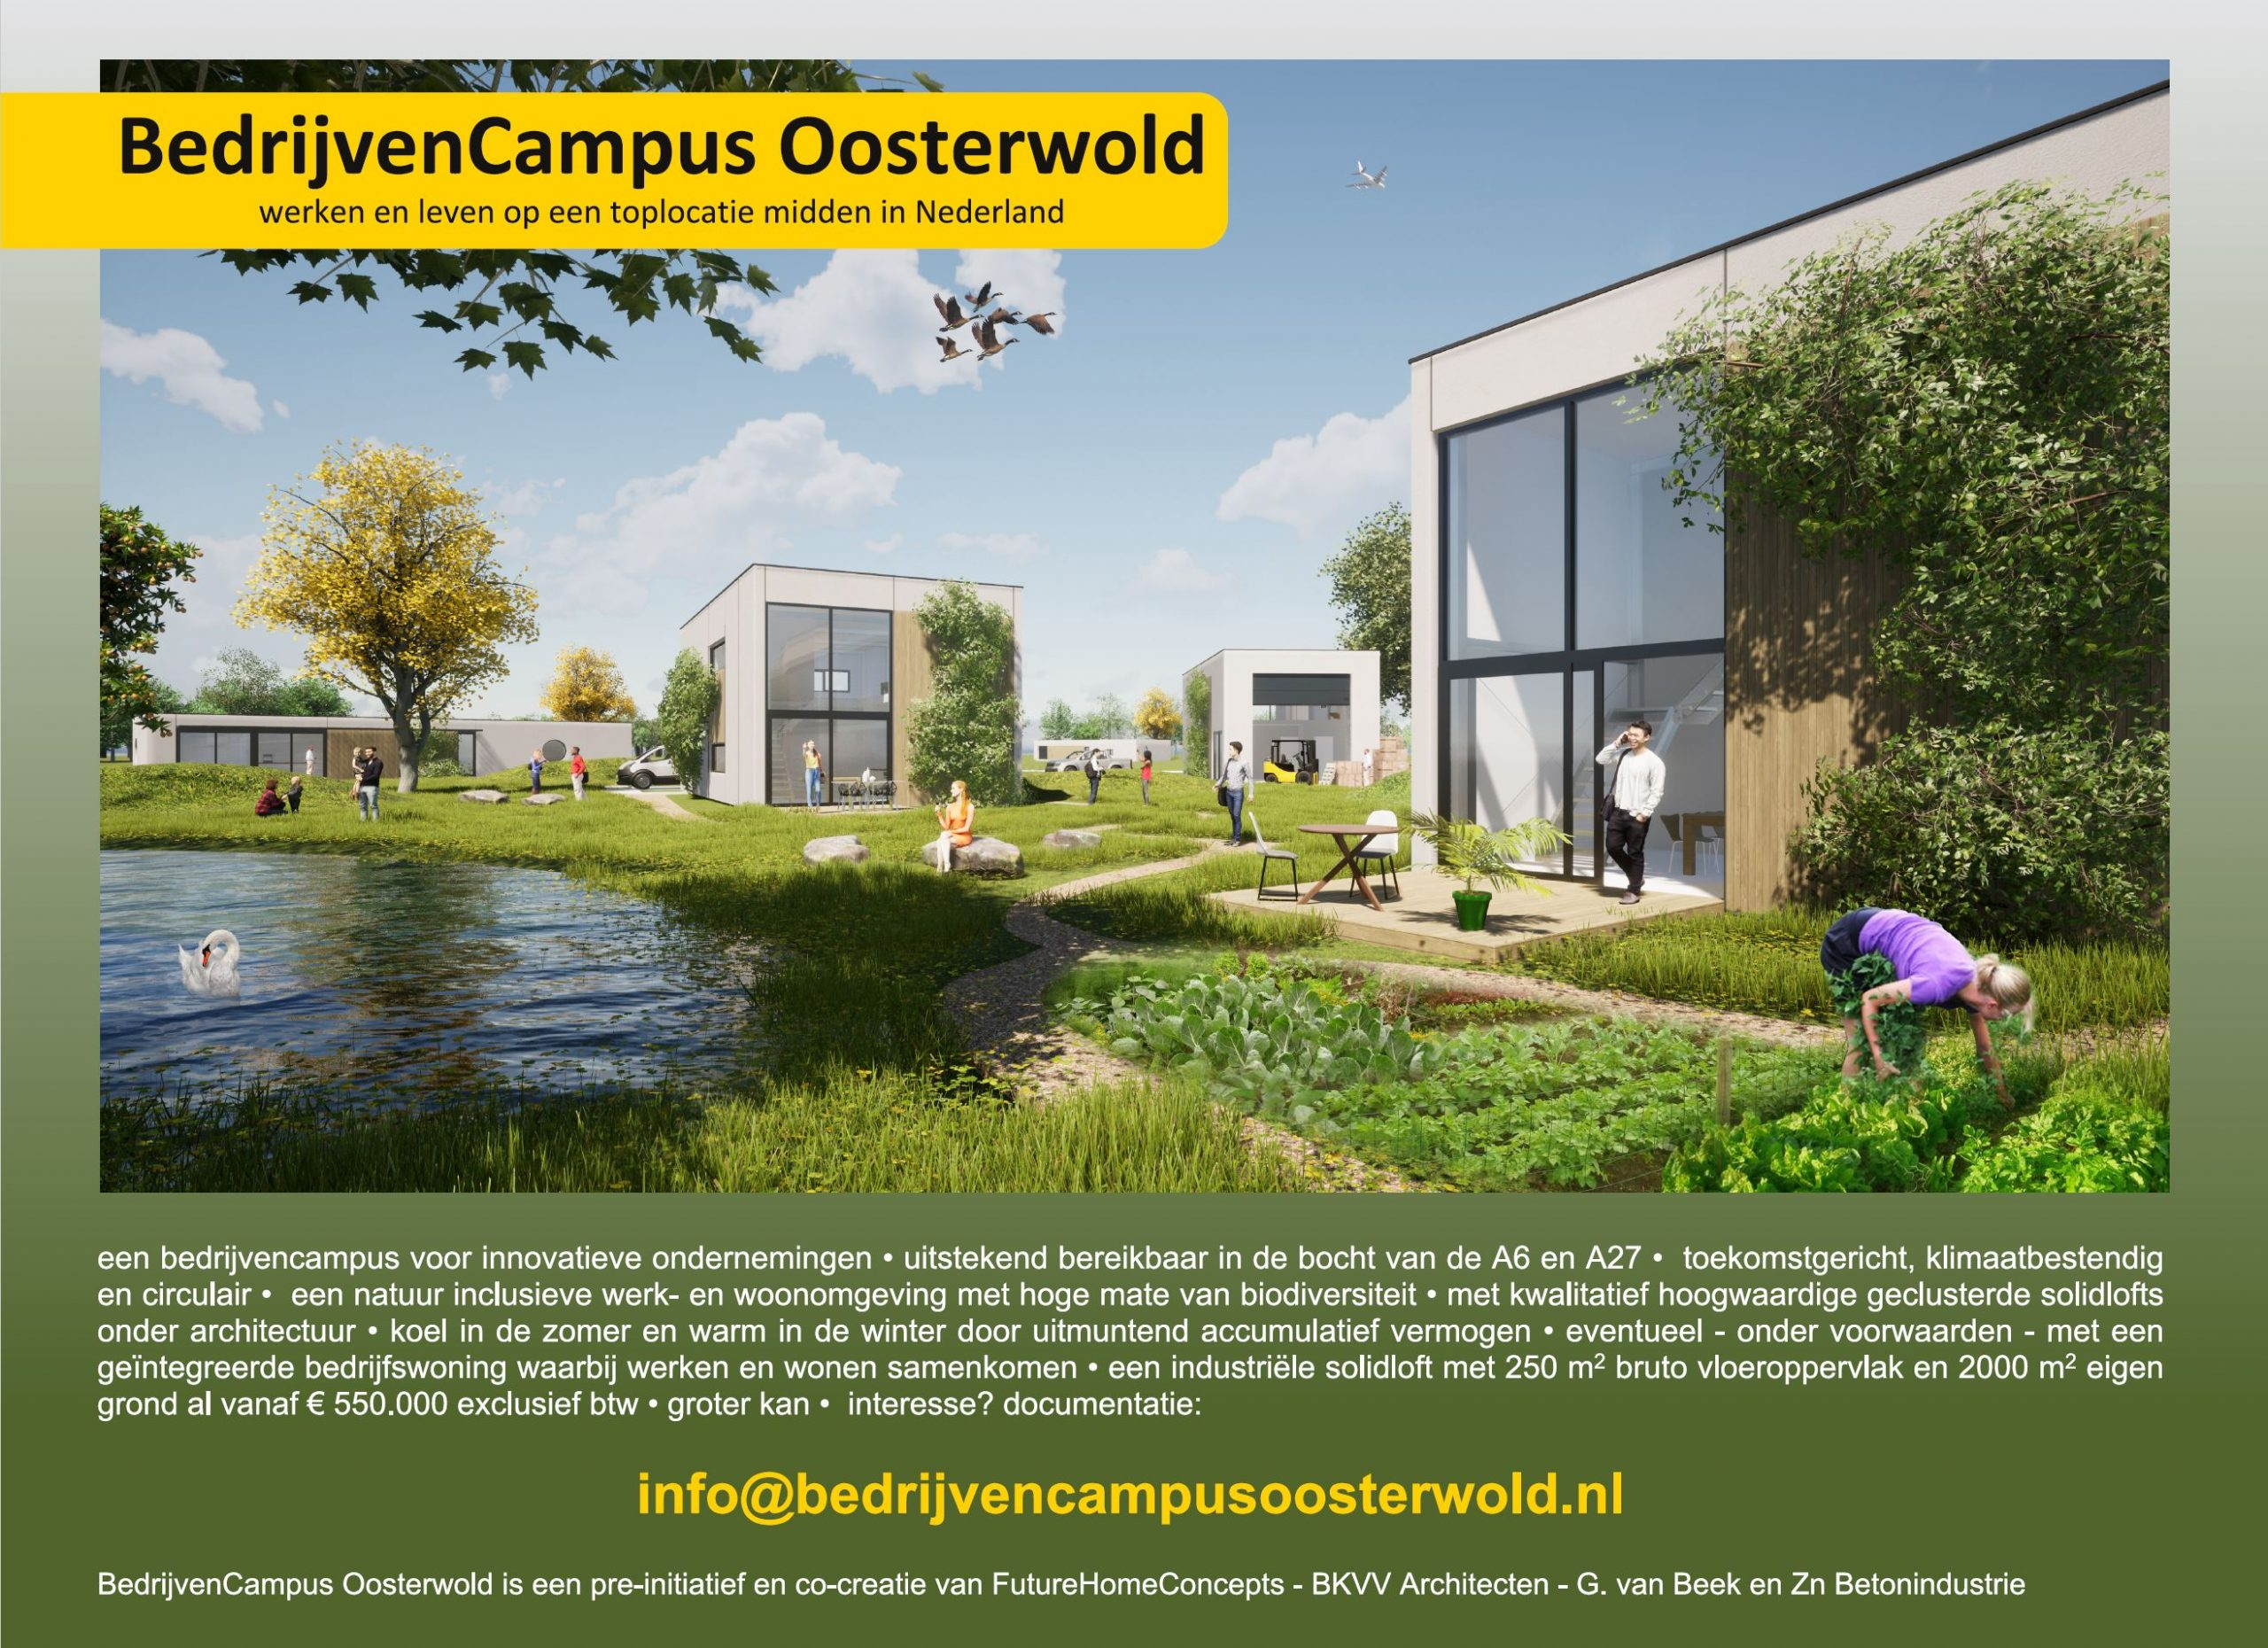 BedrijvenCampus Oosterwold